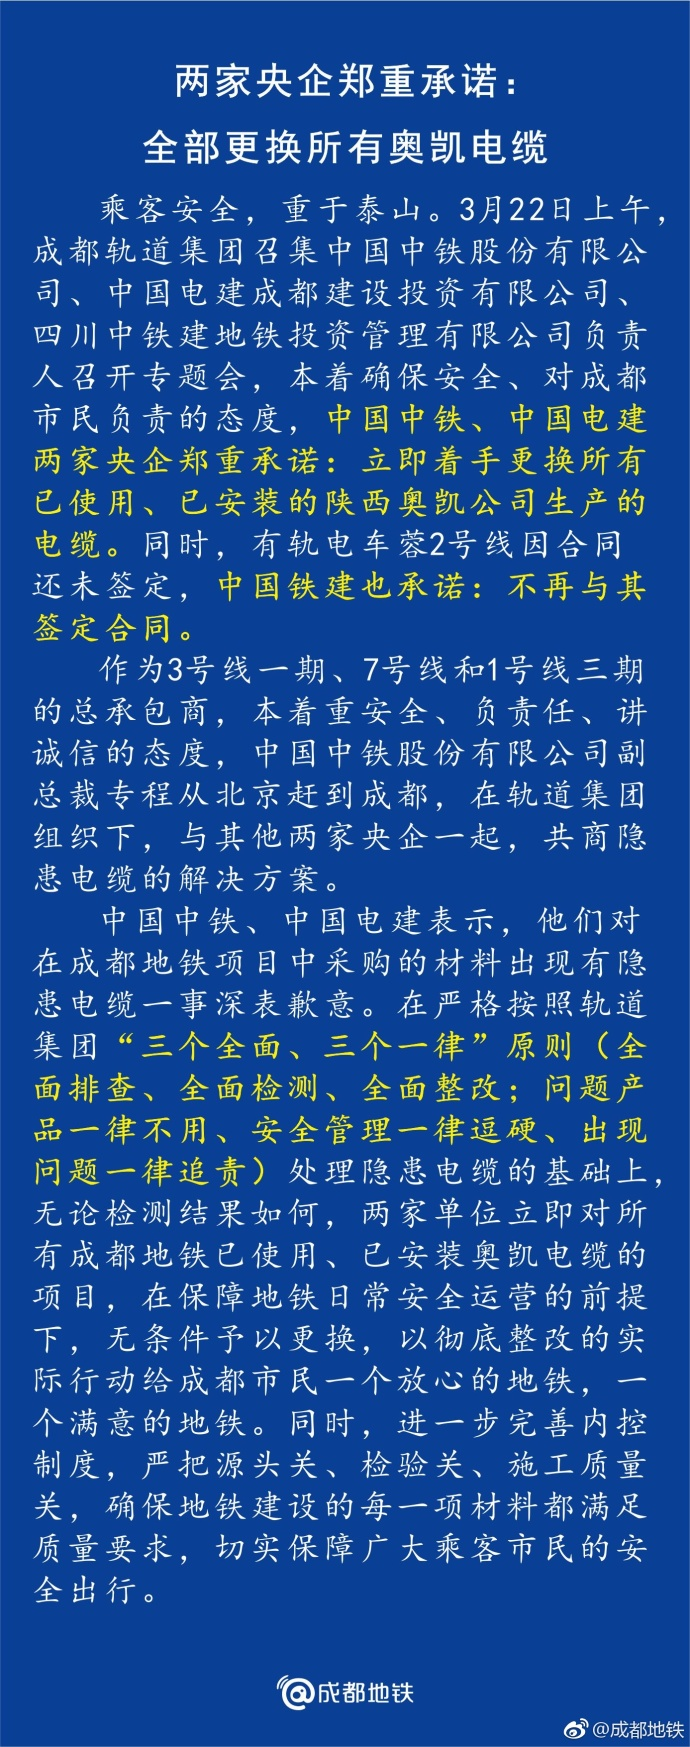 中国中铁、中国铁建承诺:更换所有奥凯电缆